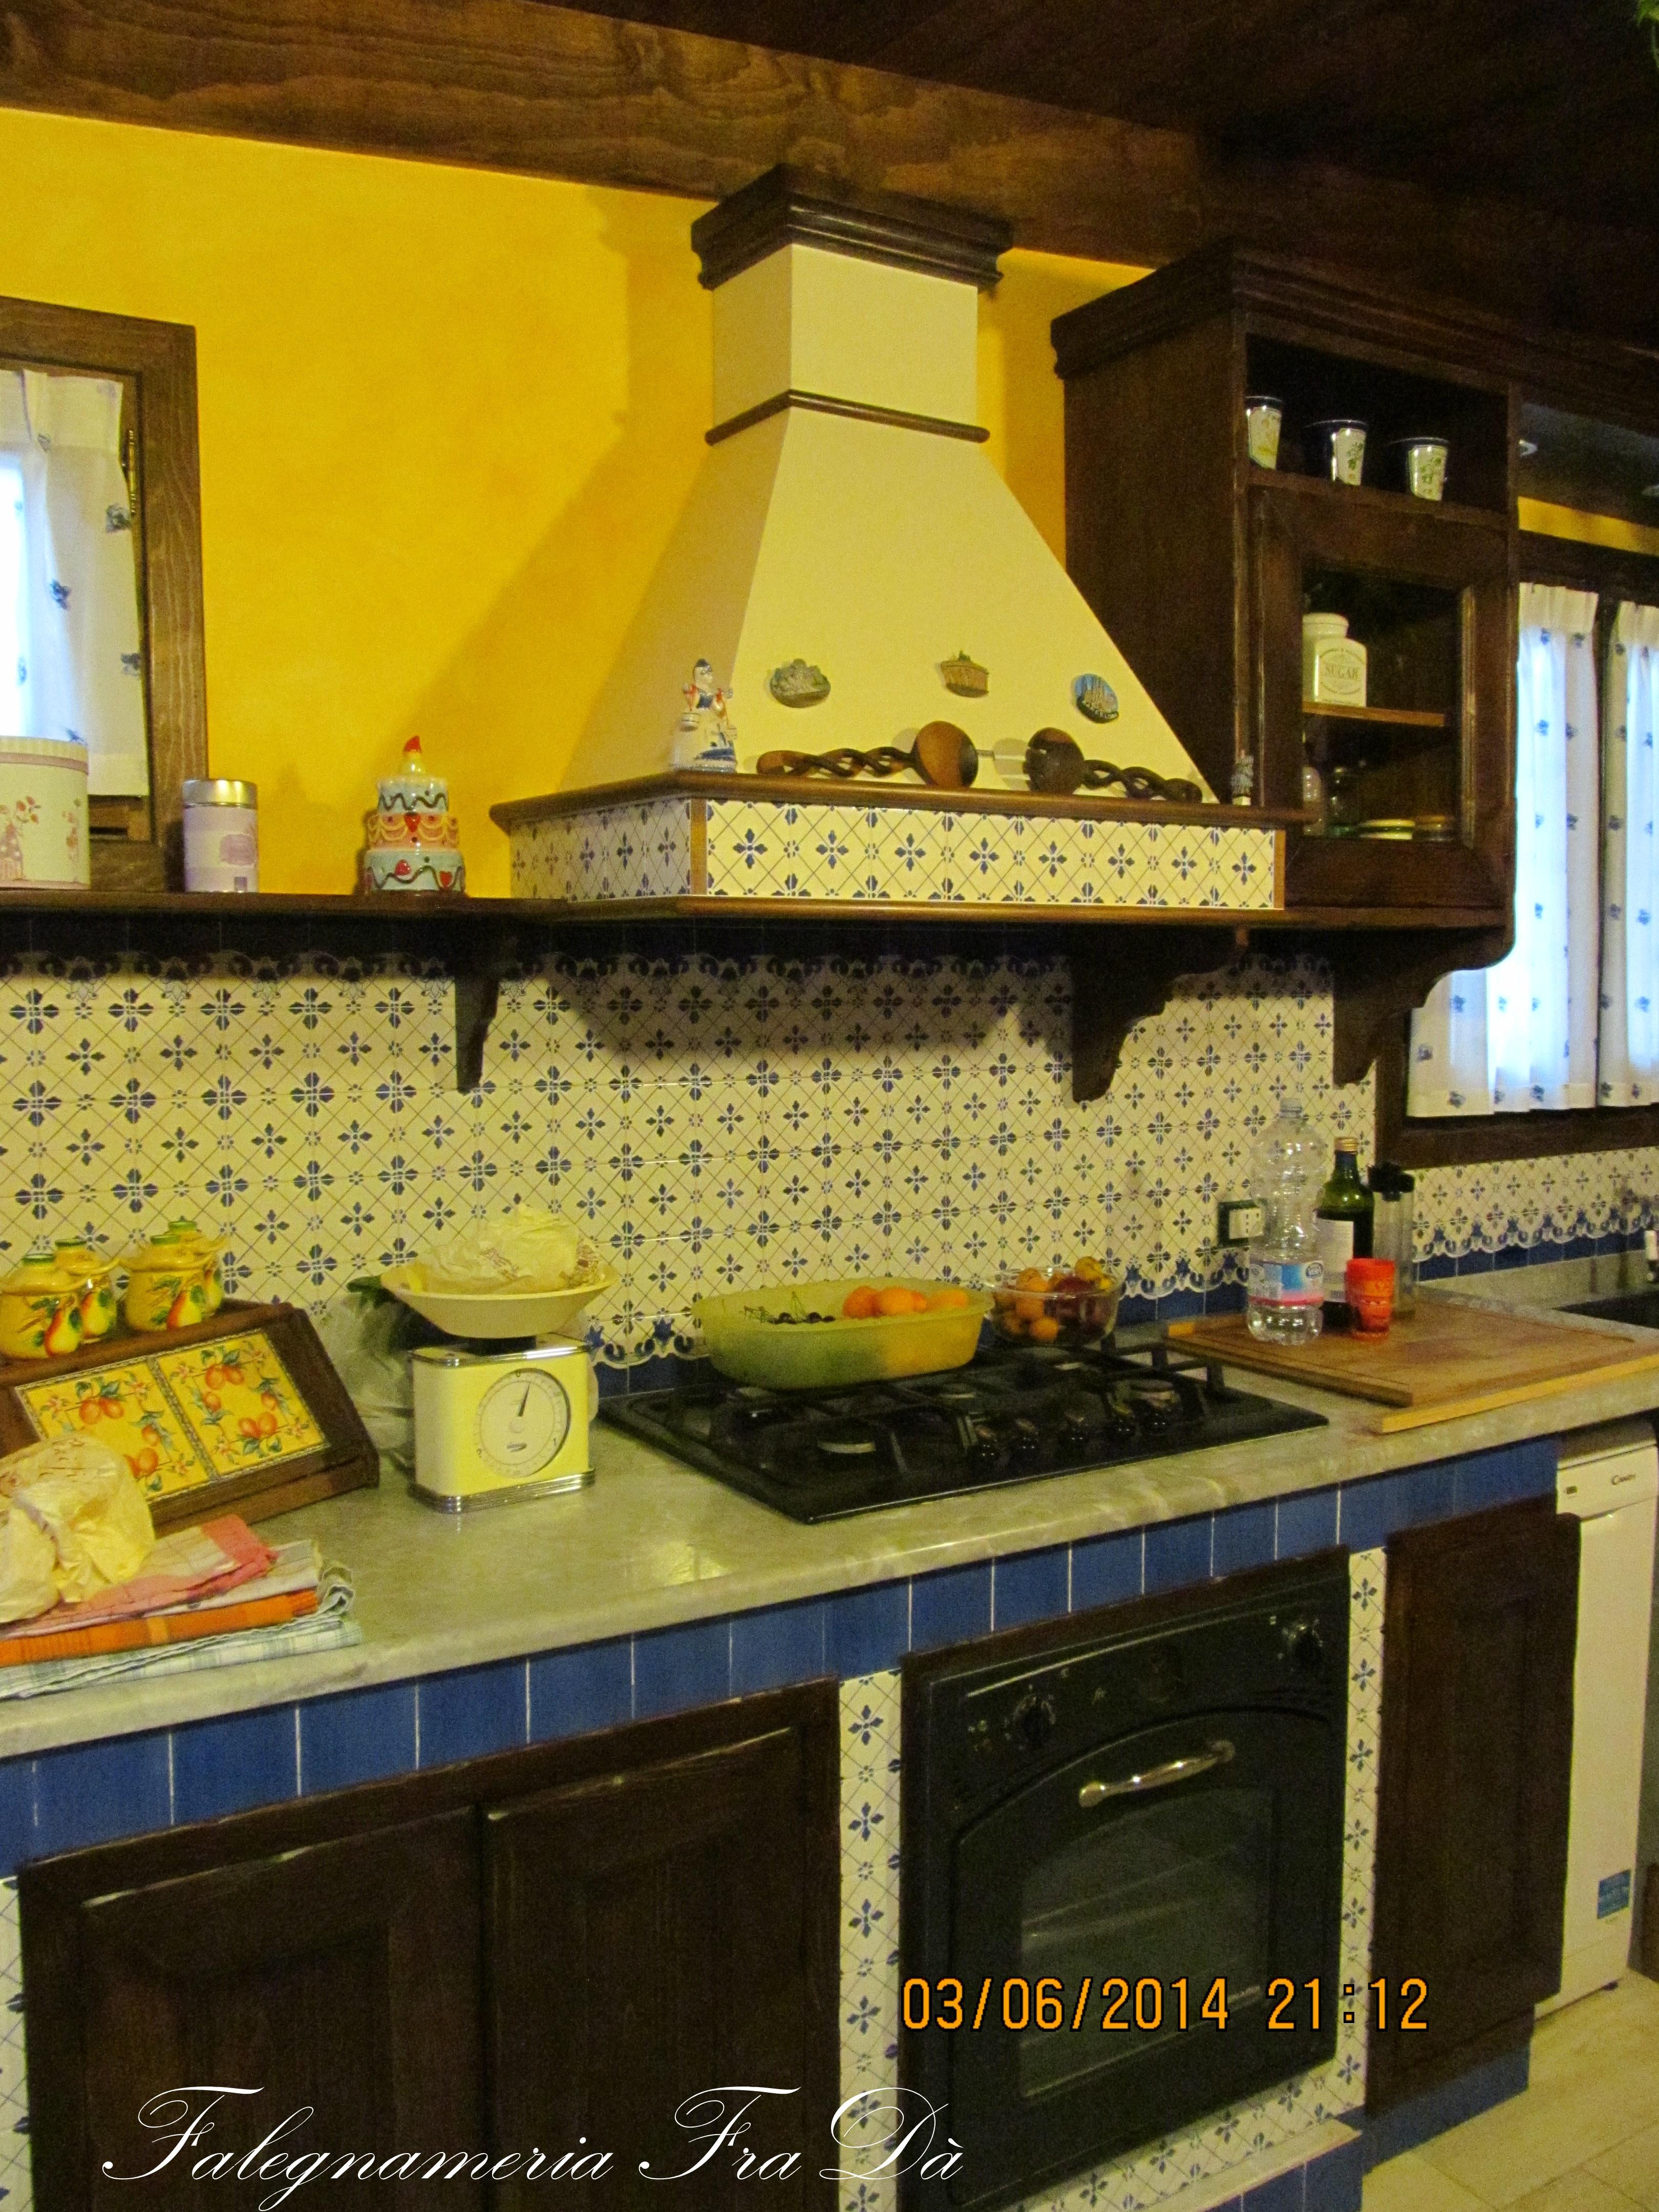 Cucine Particolari In Muratura. Cucine In Muratura With Cucine ...